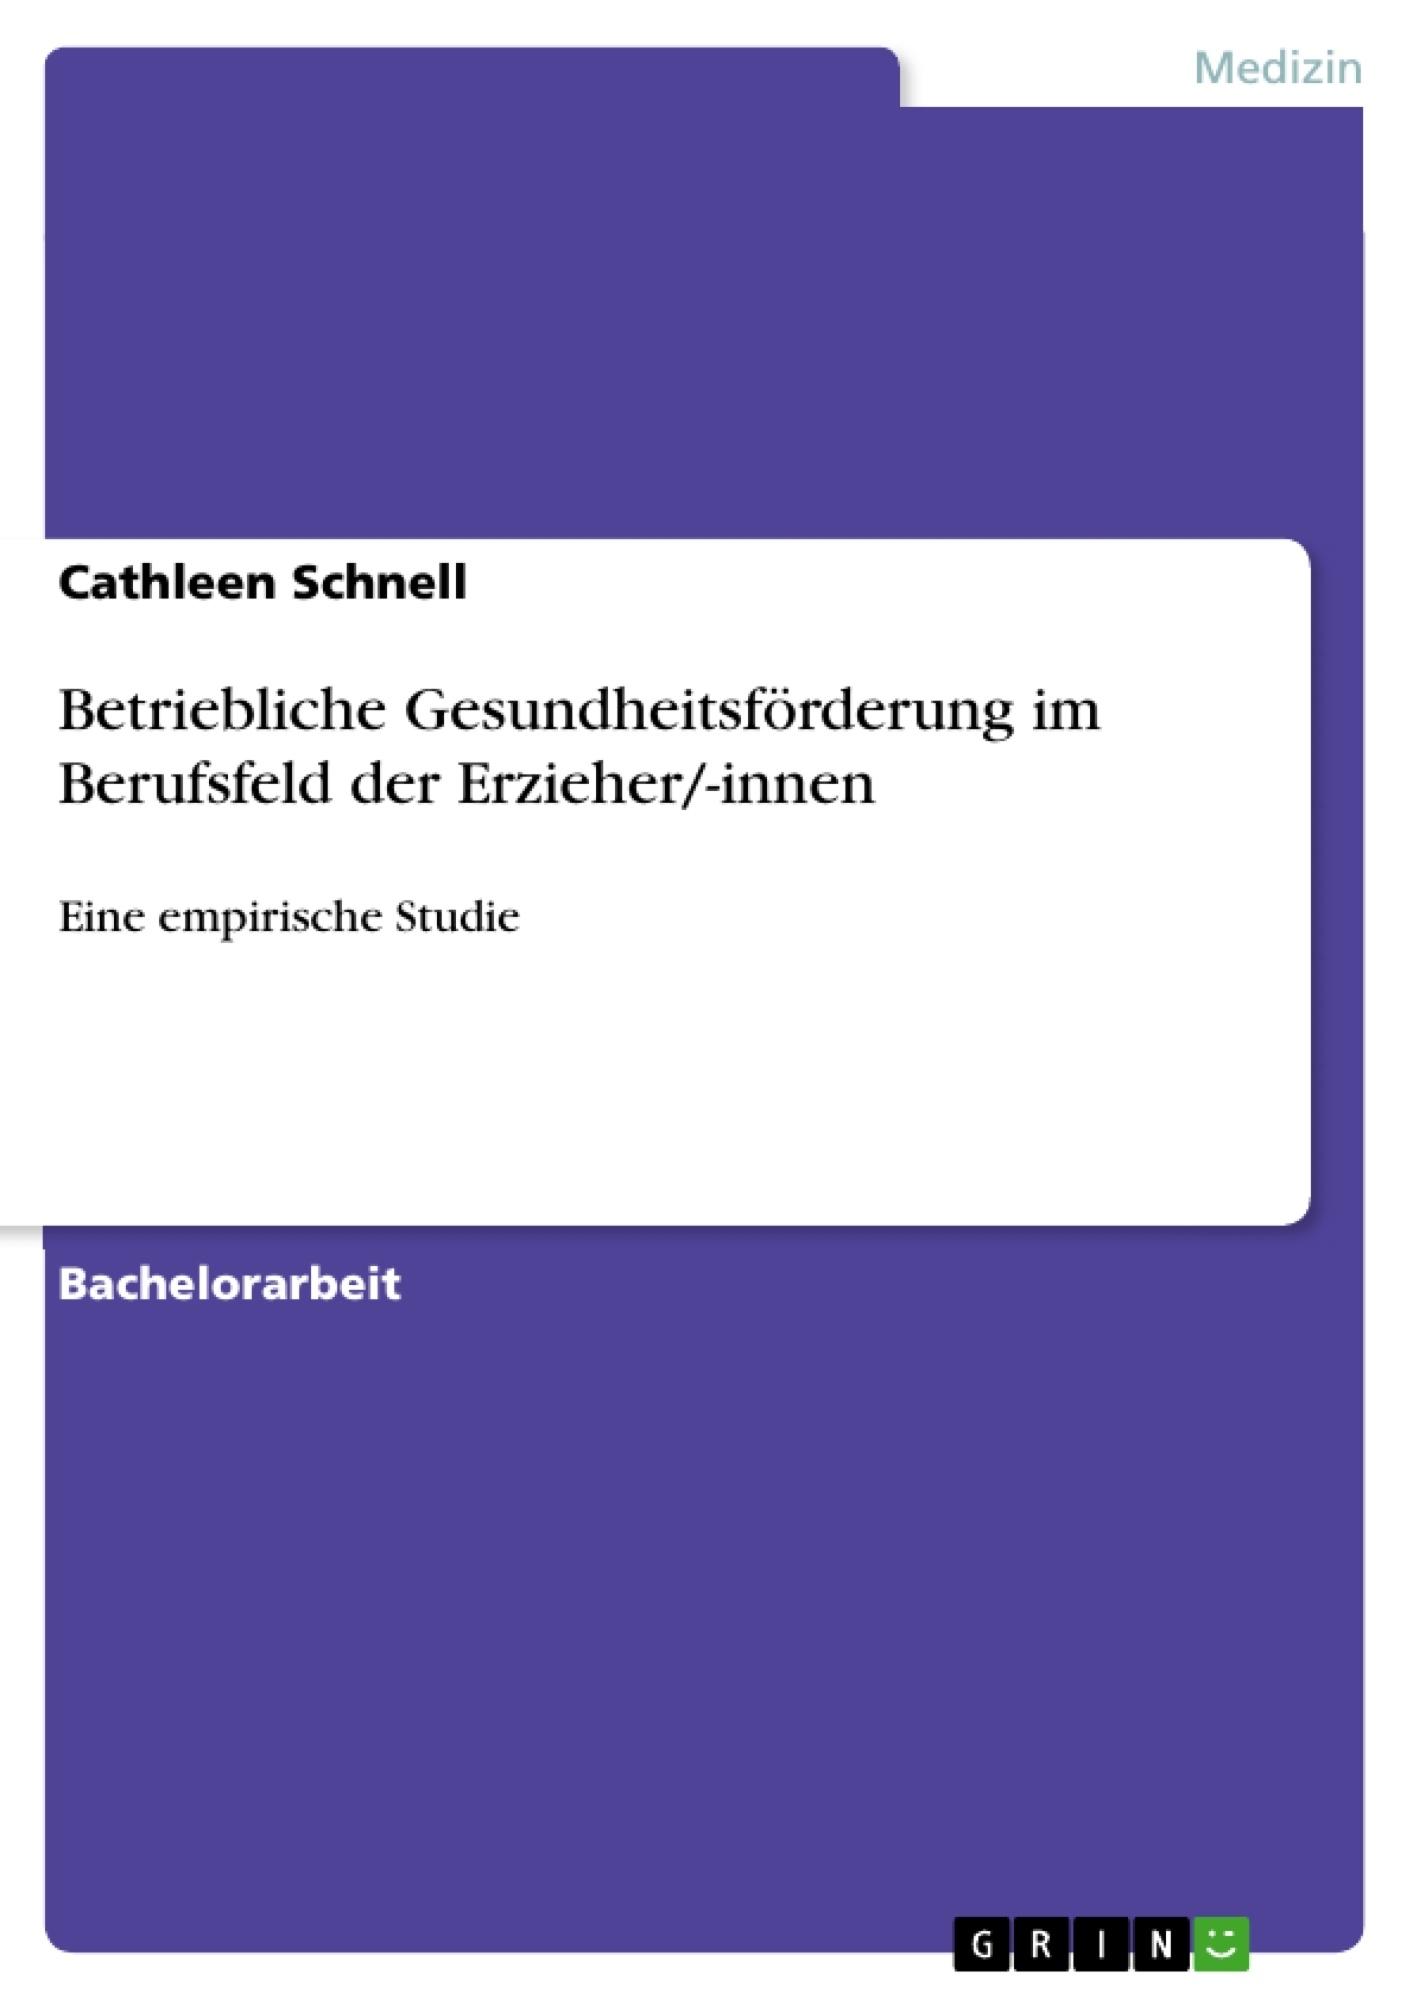 Titel: Betriebliche Gesundheitsförderung im Berufsfeld der Erzieher/-innen